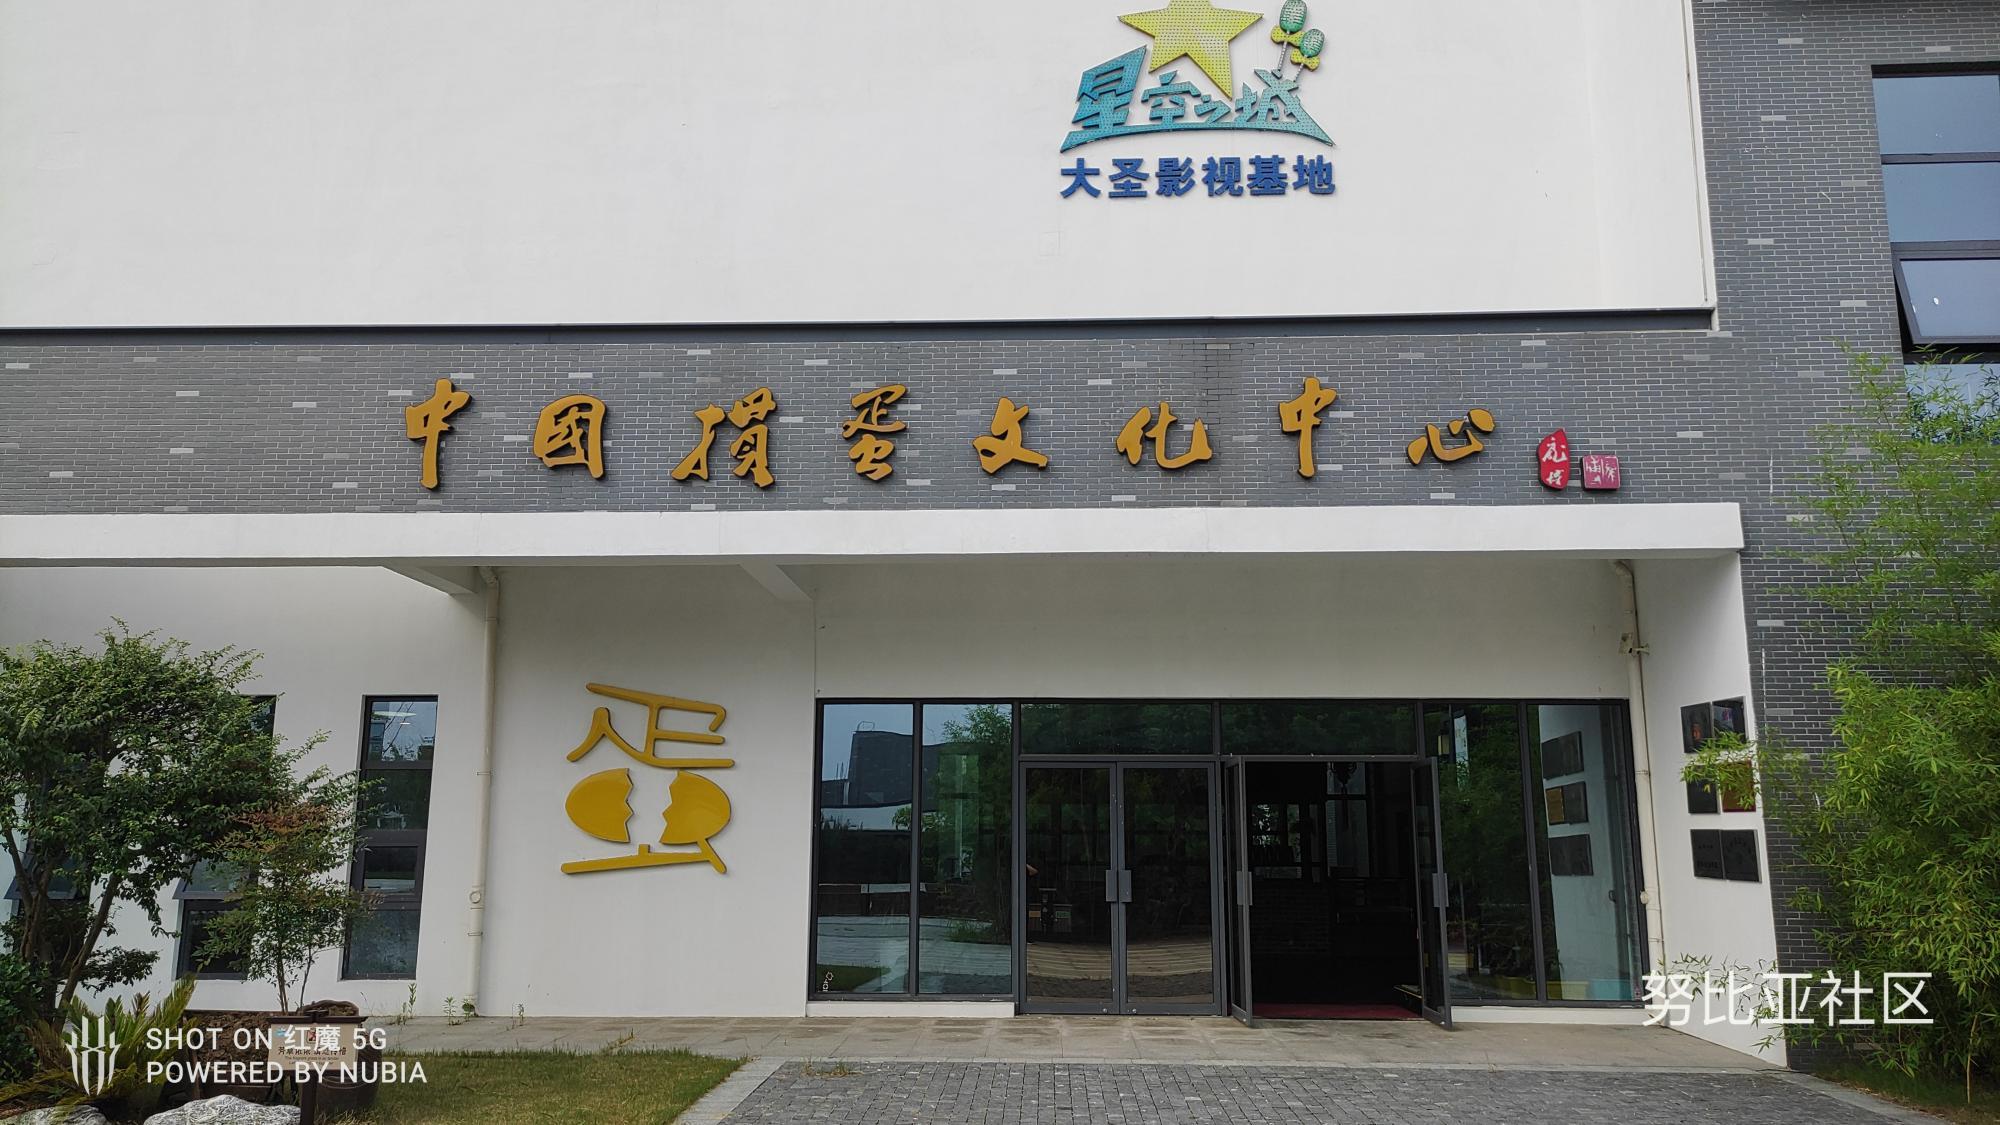 掼蛋文化中心